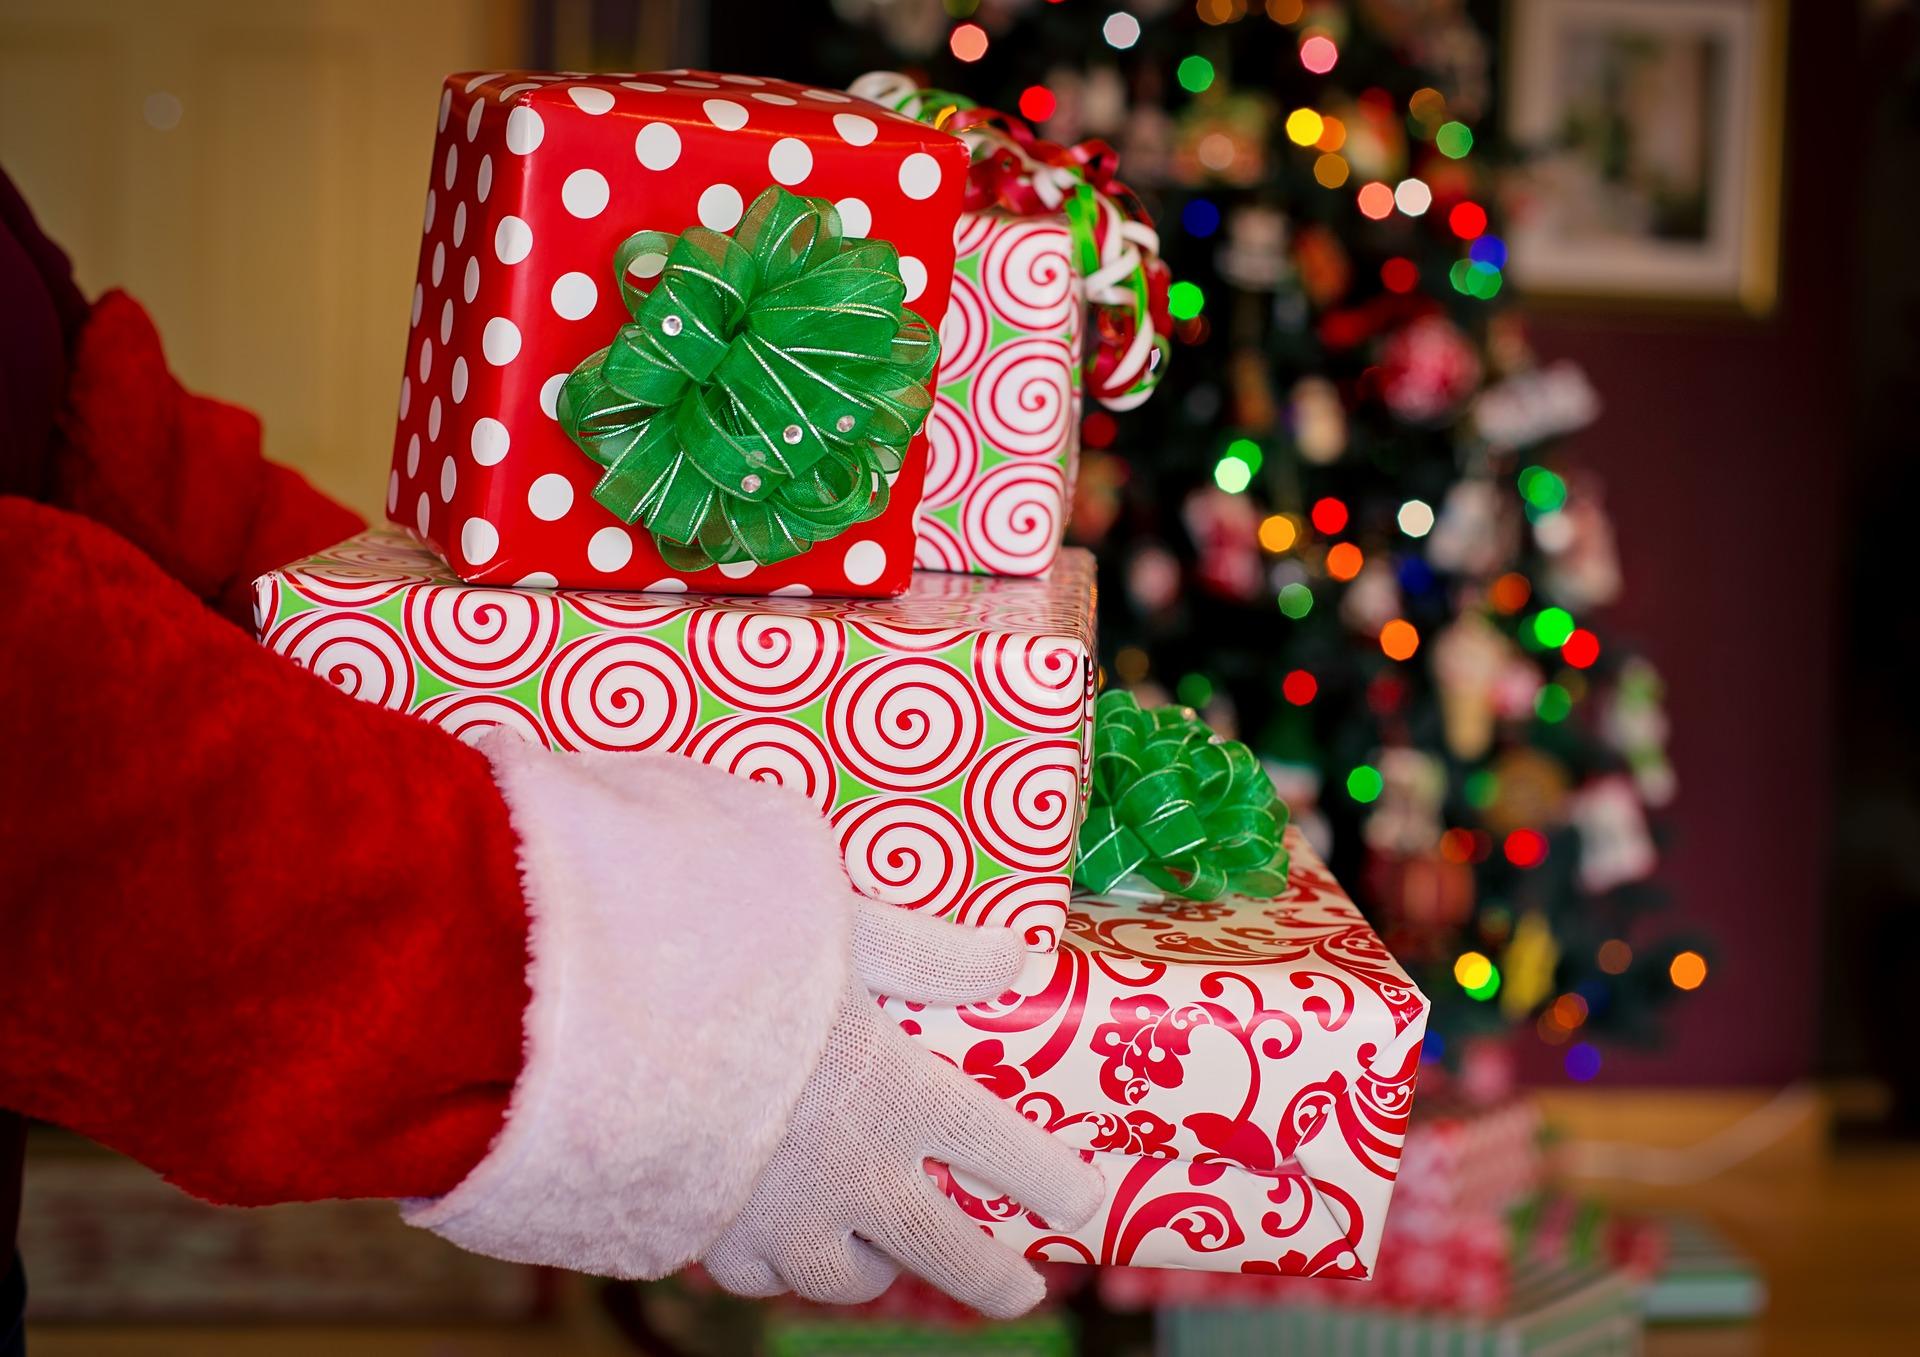 Super Weihnachtsgeschenke überreicht vom Weihnachtsmann